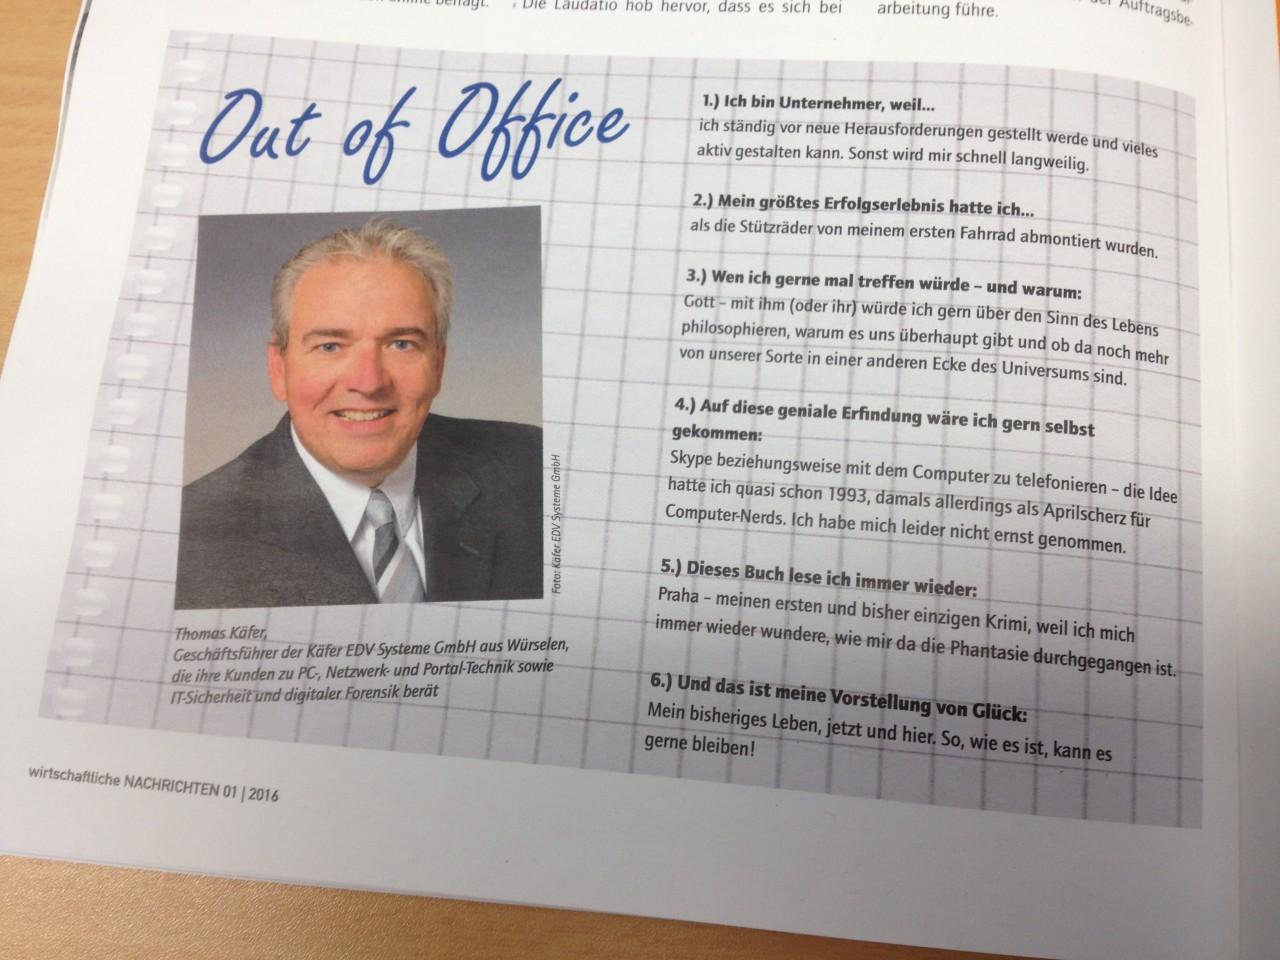 Out of Office - Das neue Jahr startet wie das alte endet